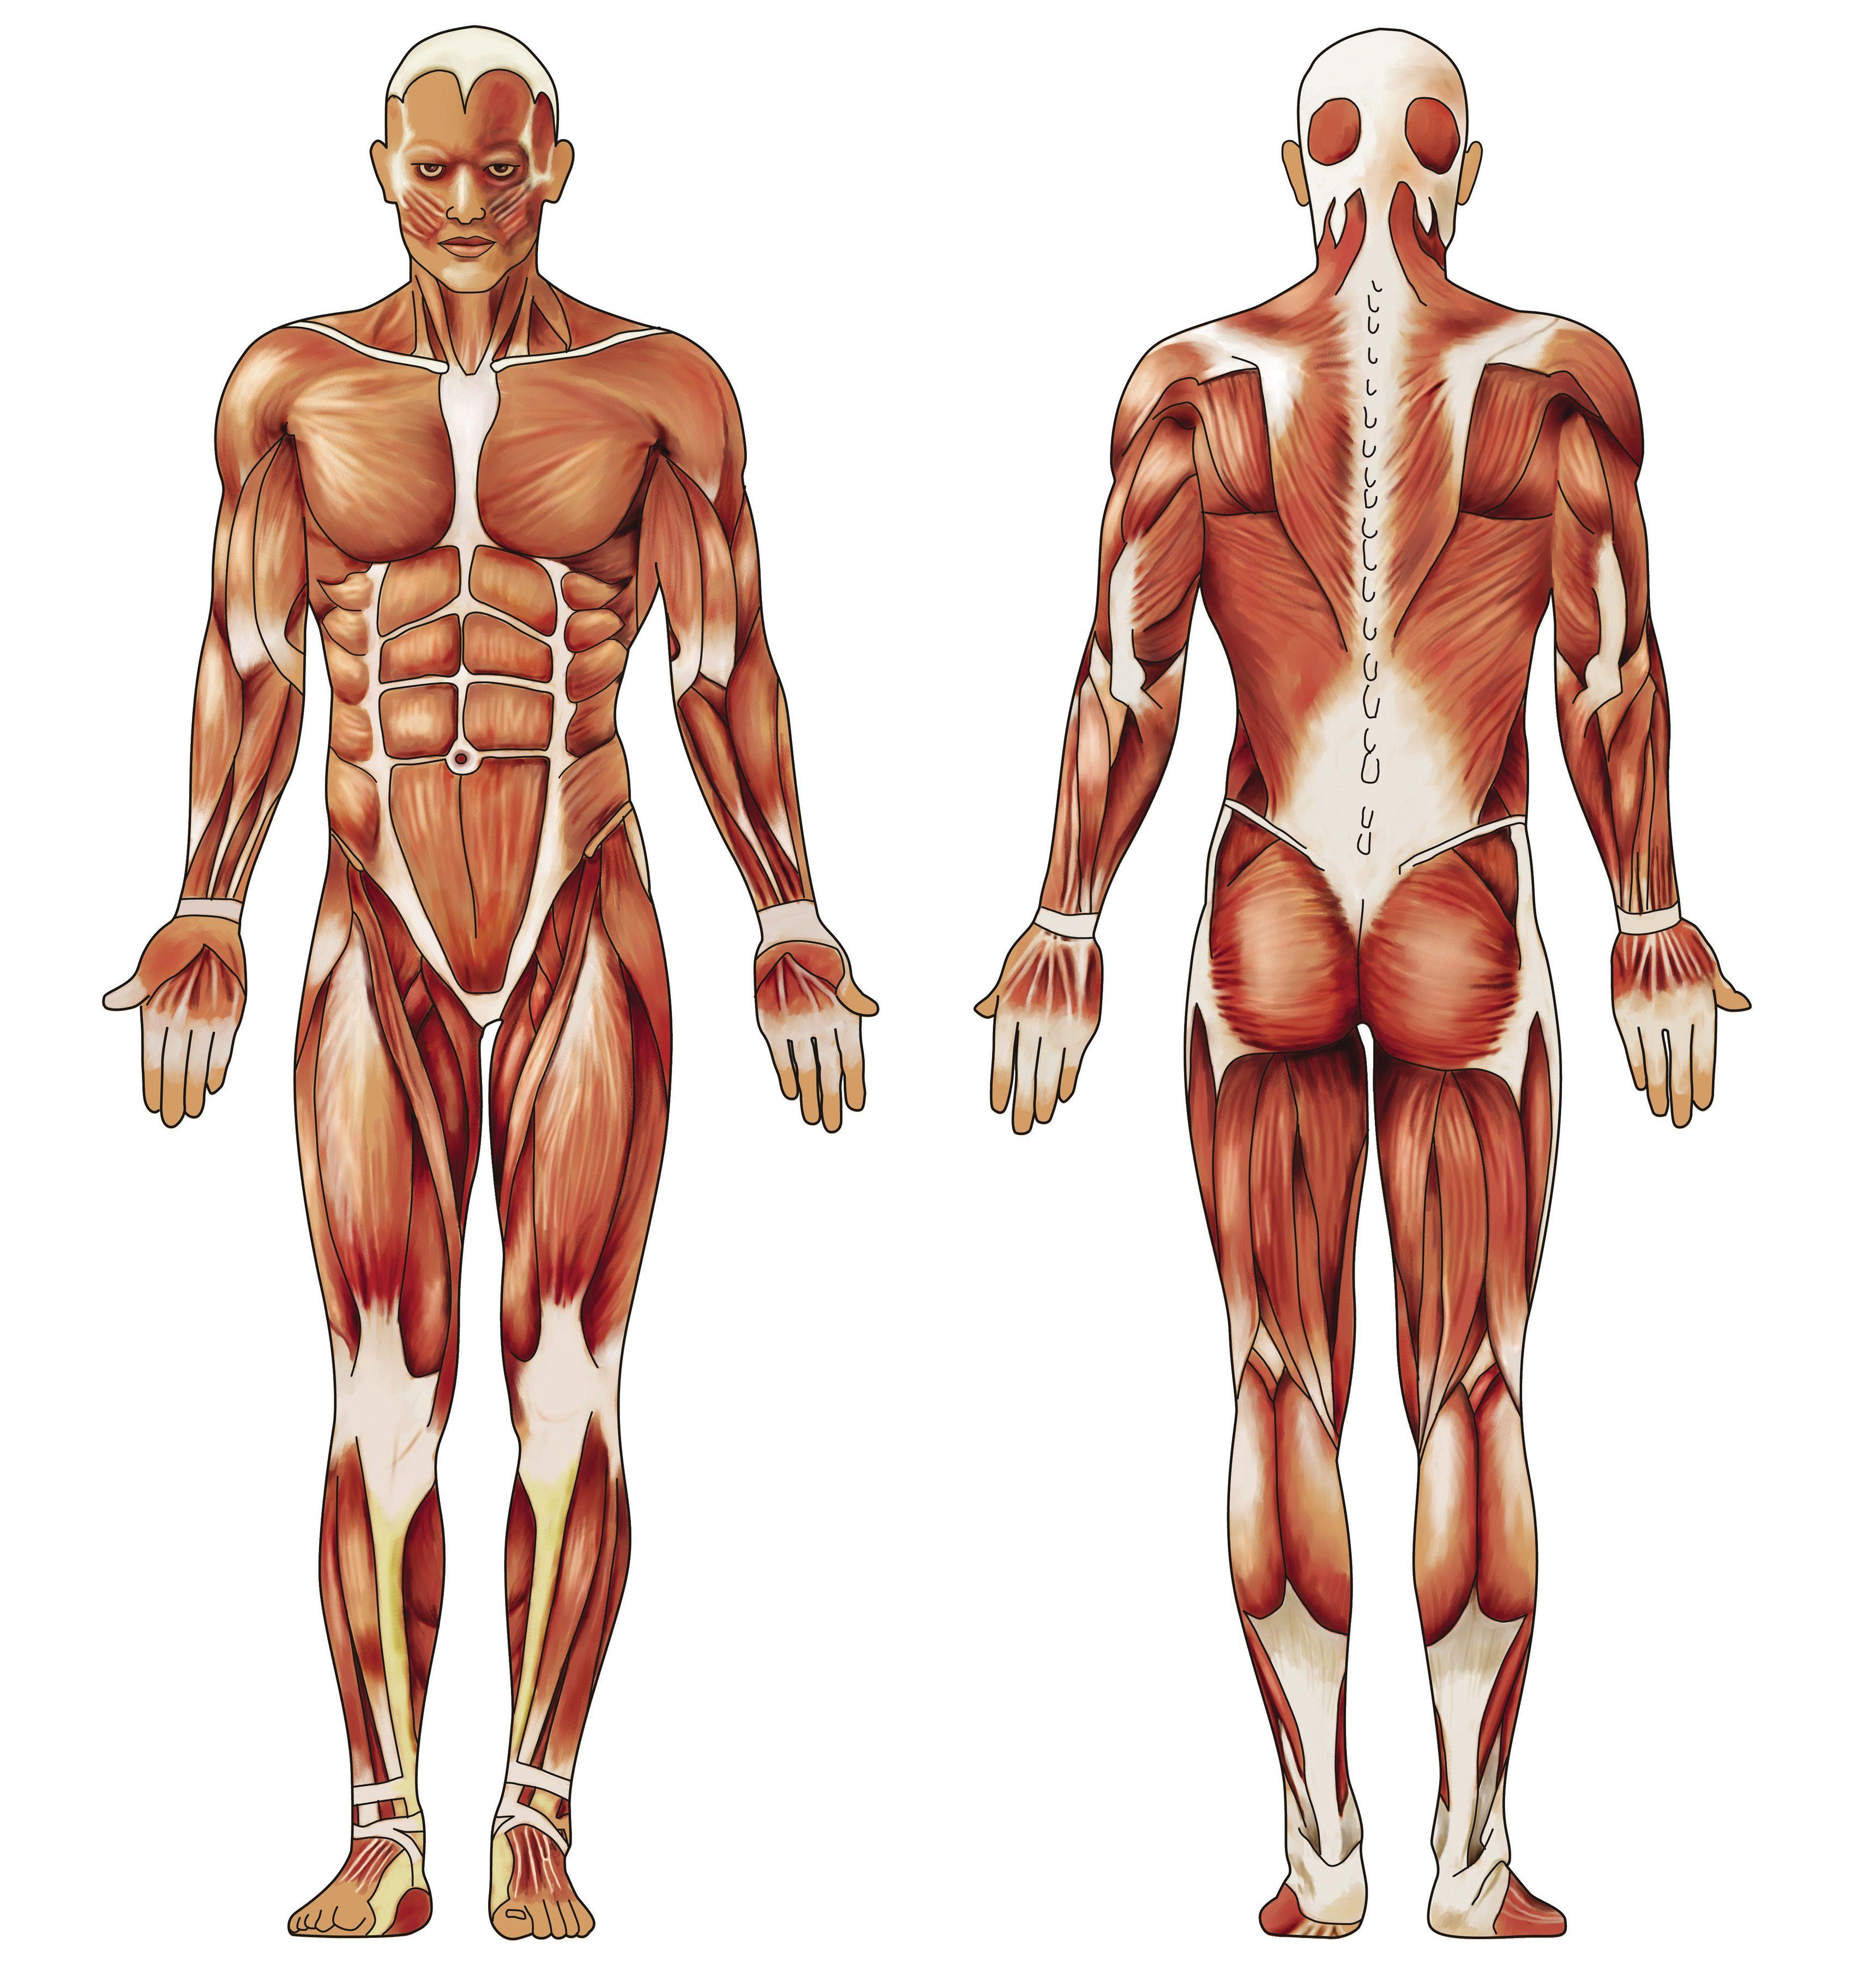 часы расположение мышц на теле человека фото пвх курить пользоваться